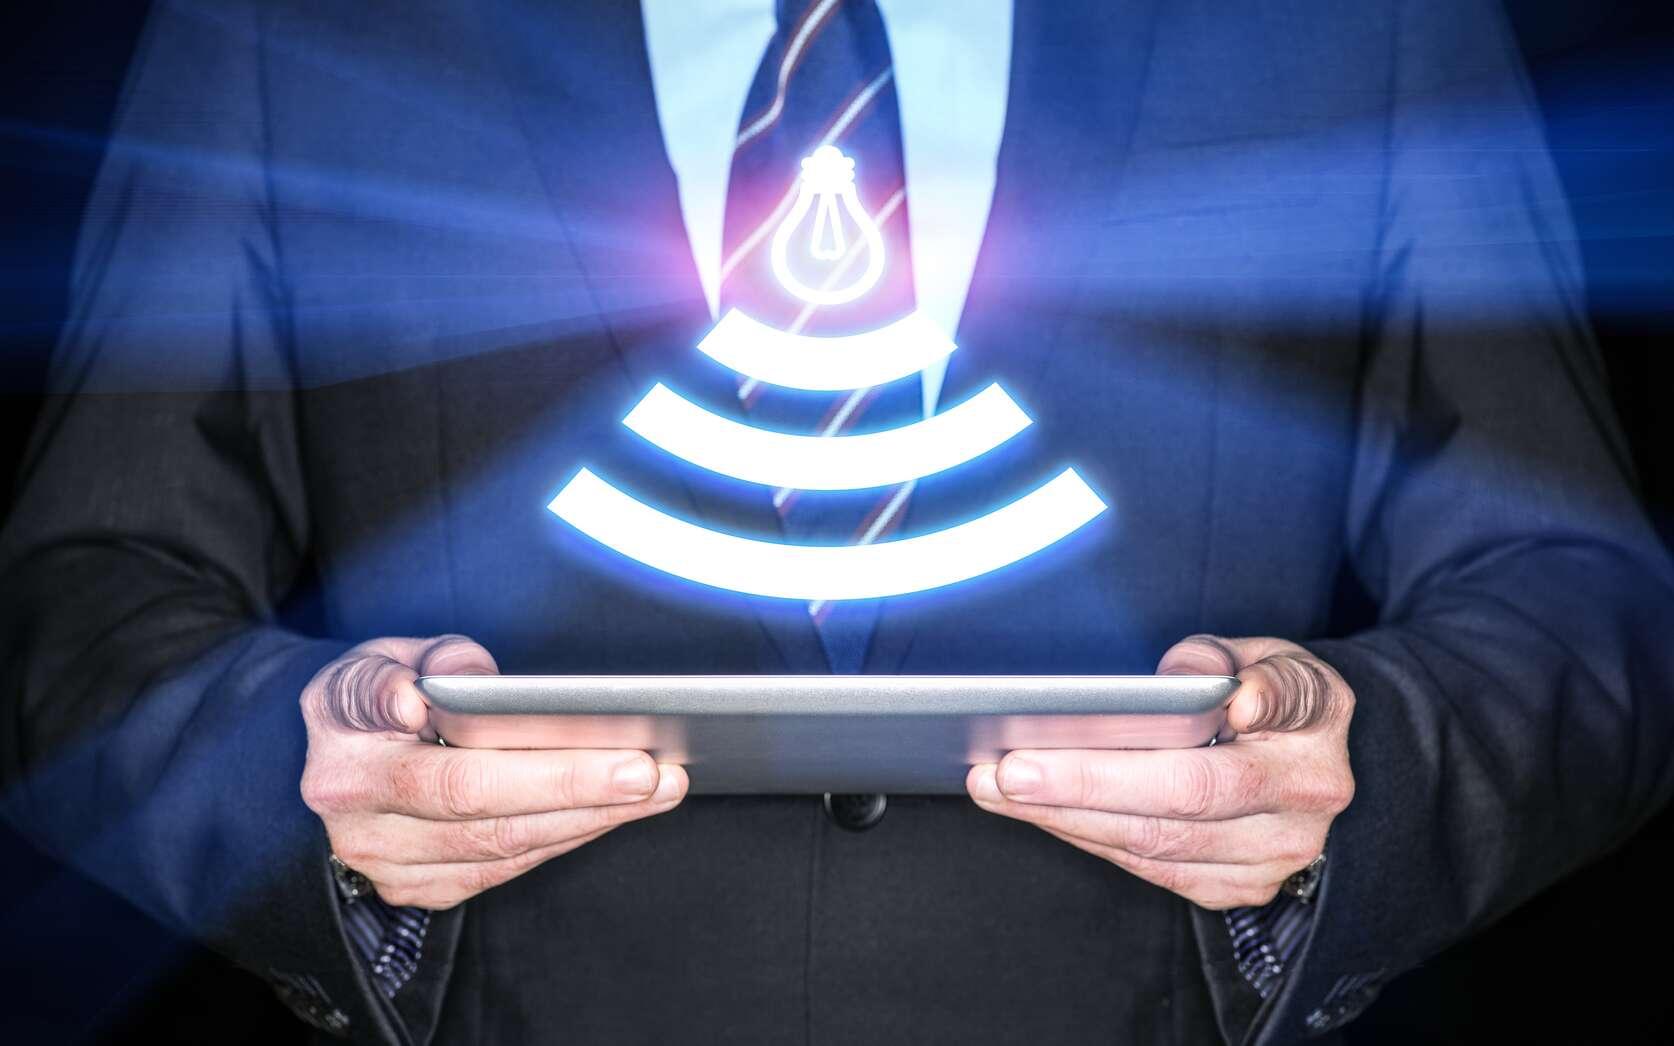 La technologie de transmission sans fil Li-Fi repose sur l'éclairage LED. Elle consiste à utiliser la modulation de lumière à haute fréquence pour coder et transmettre des informations. Le Li-Fi a fait son apparition il y a une dizaine d'années à la faveur du développement des ampoules LED. © Mike Deal, Flickr, CC by-nd 2.0